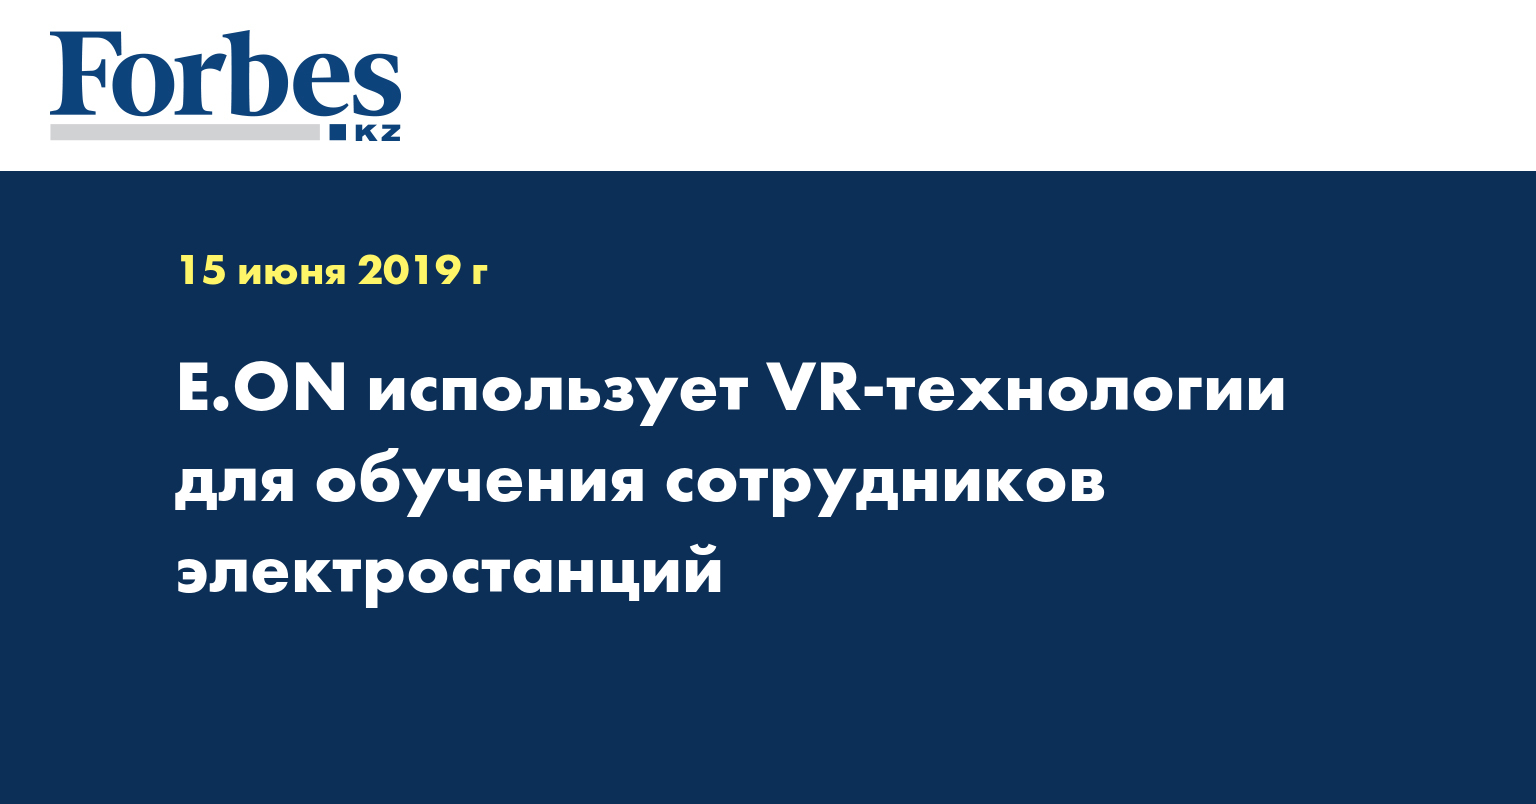 E.ON использует VR-технологии для обучения сотрудников электростанций